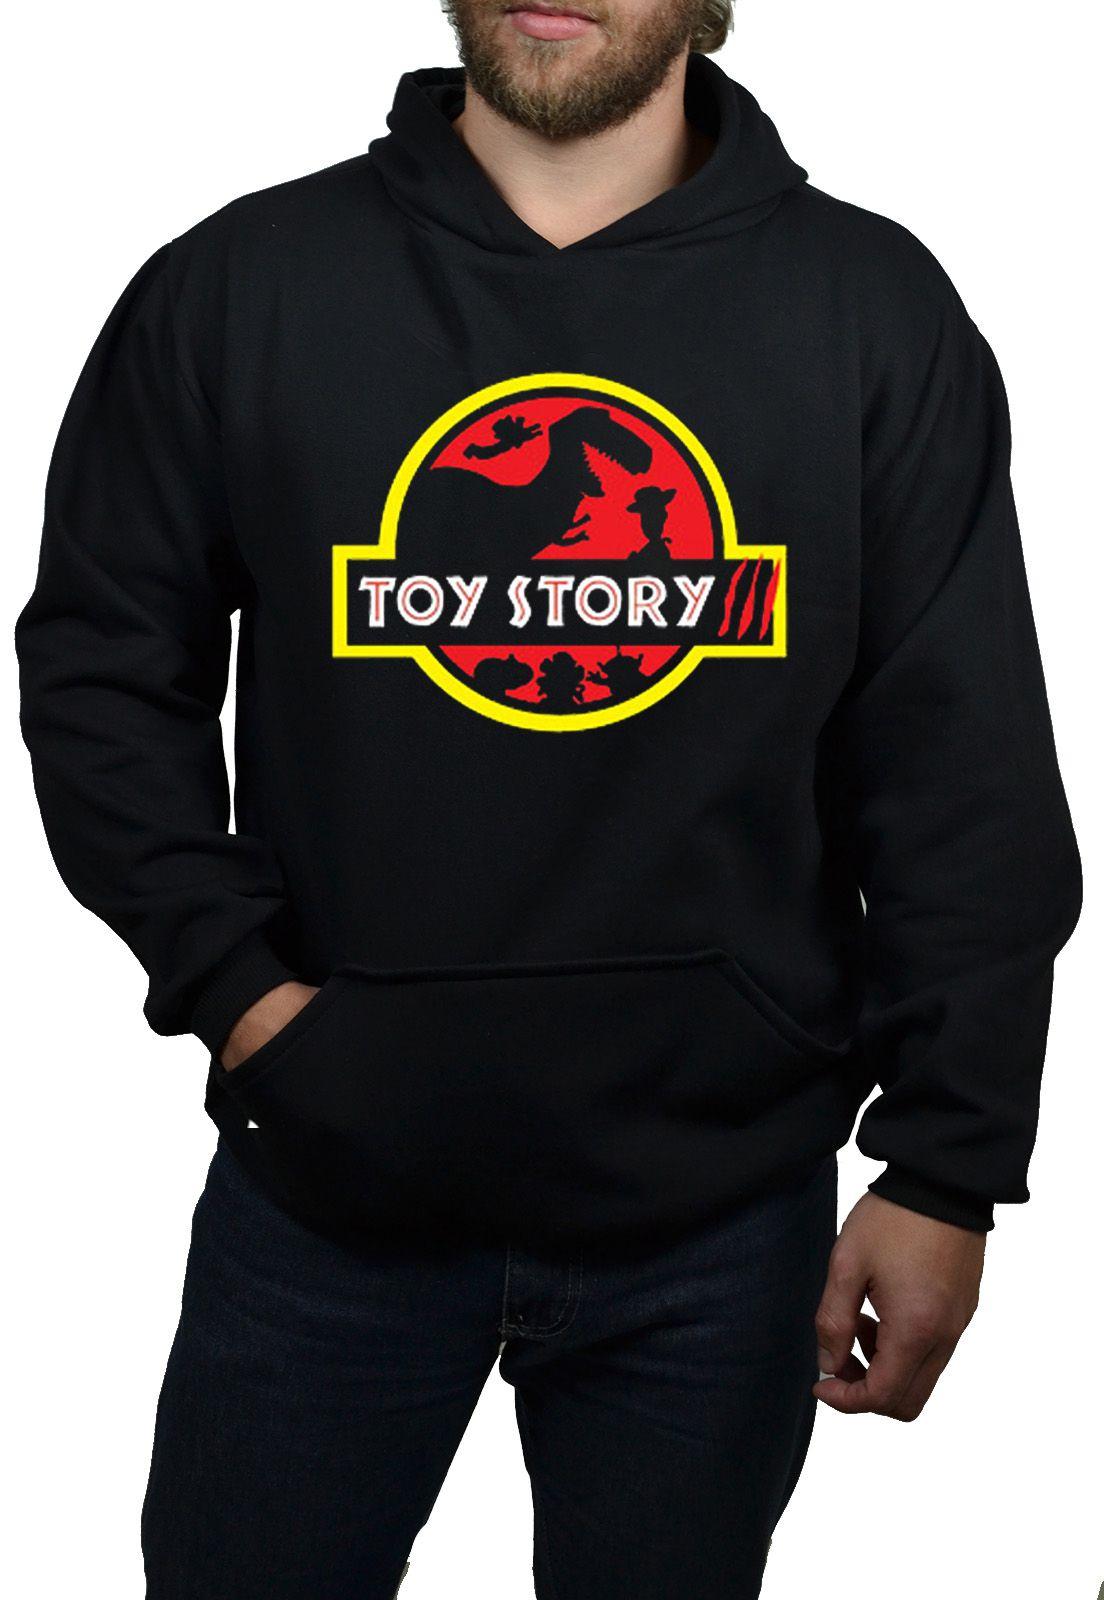 Moletom HShop Toy Story - Preto - Masculino  - HShop